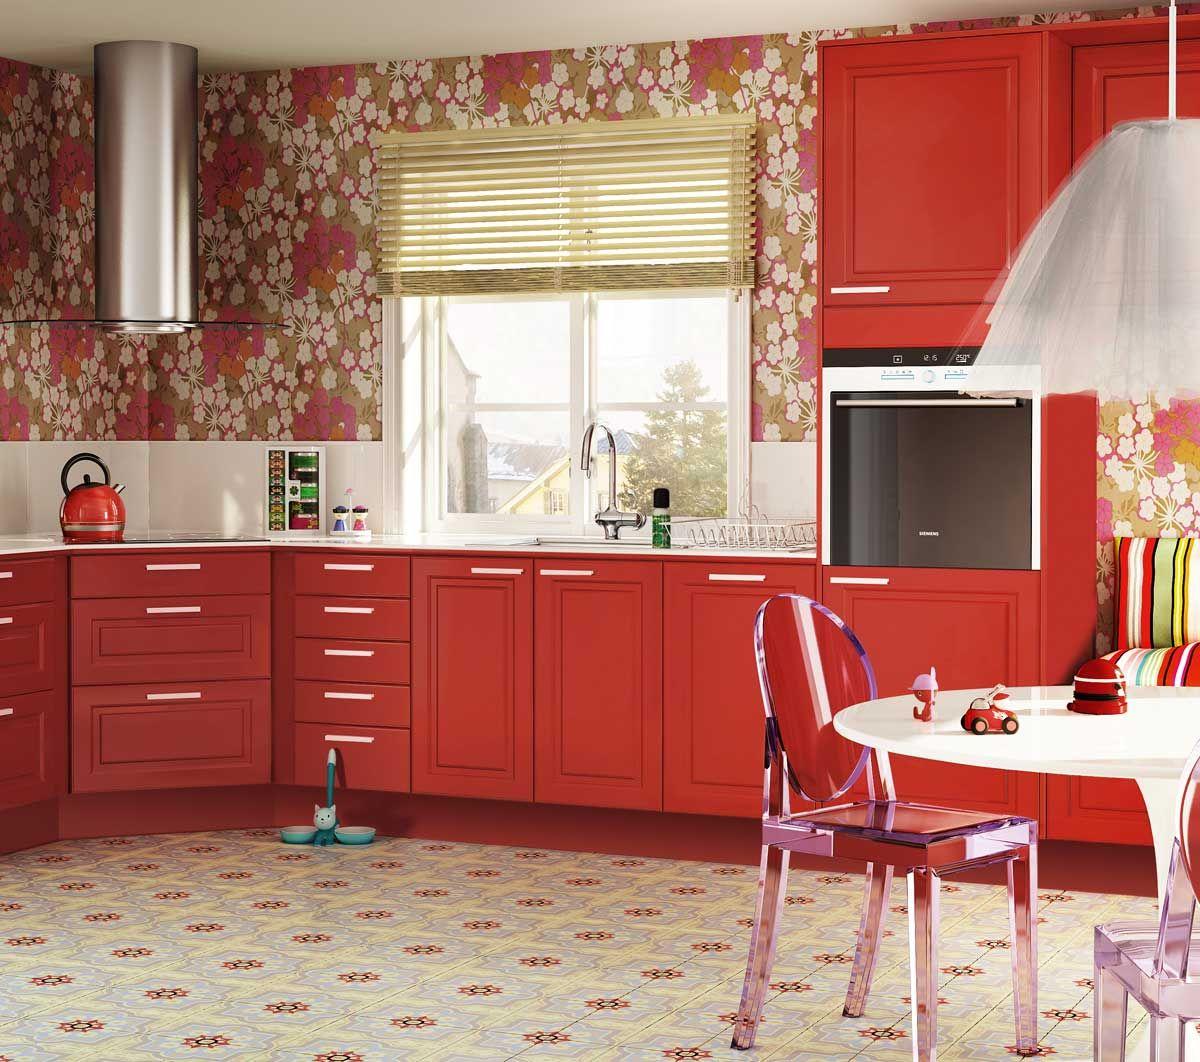 Röd köksdesign: idéer, väggar och inredning